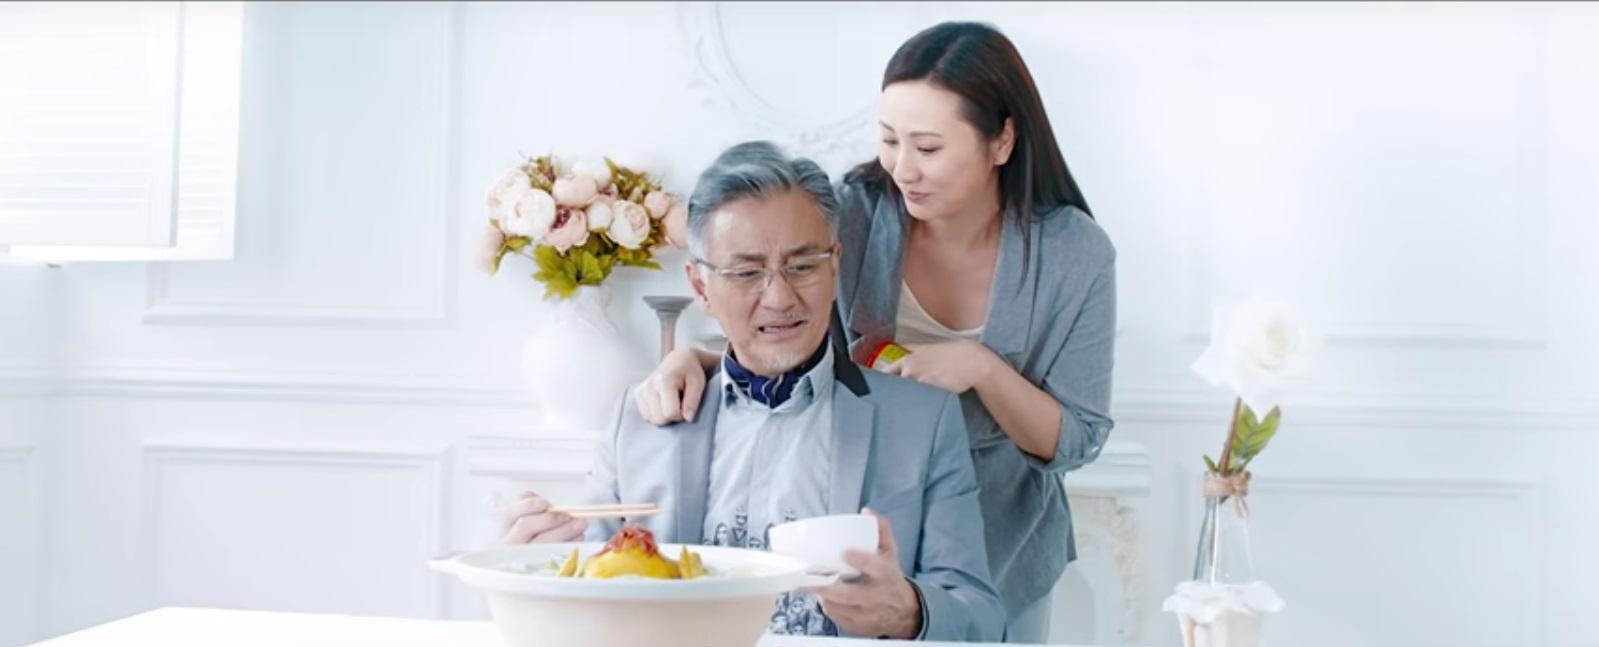 李錦記不加味精特鮮雞粉 – 尋找純真傳說